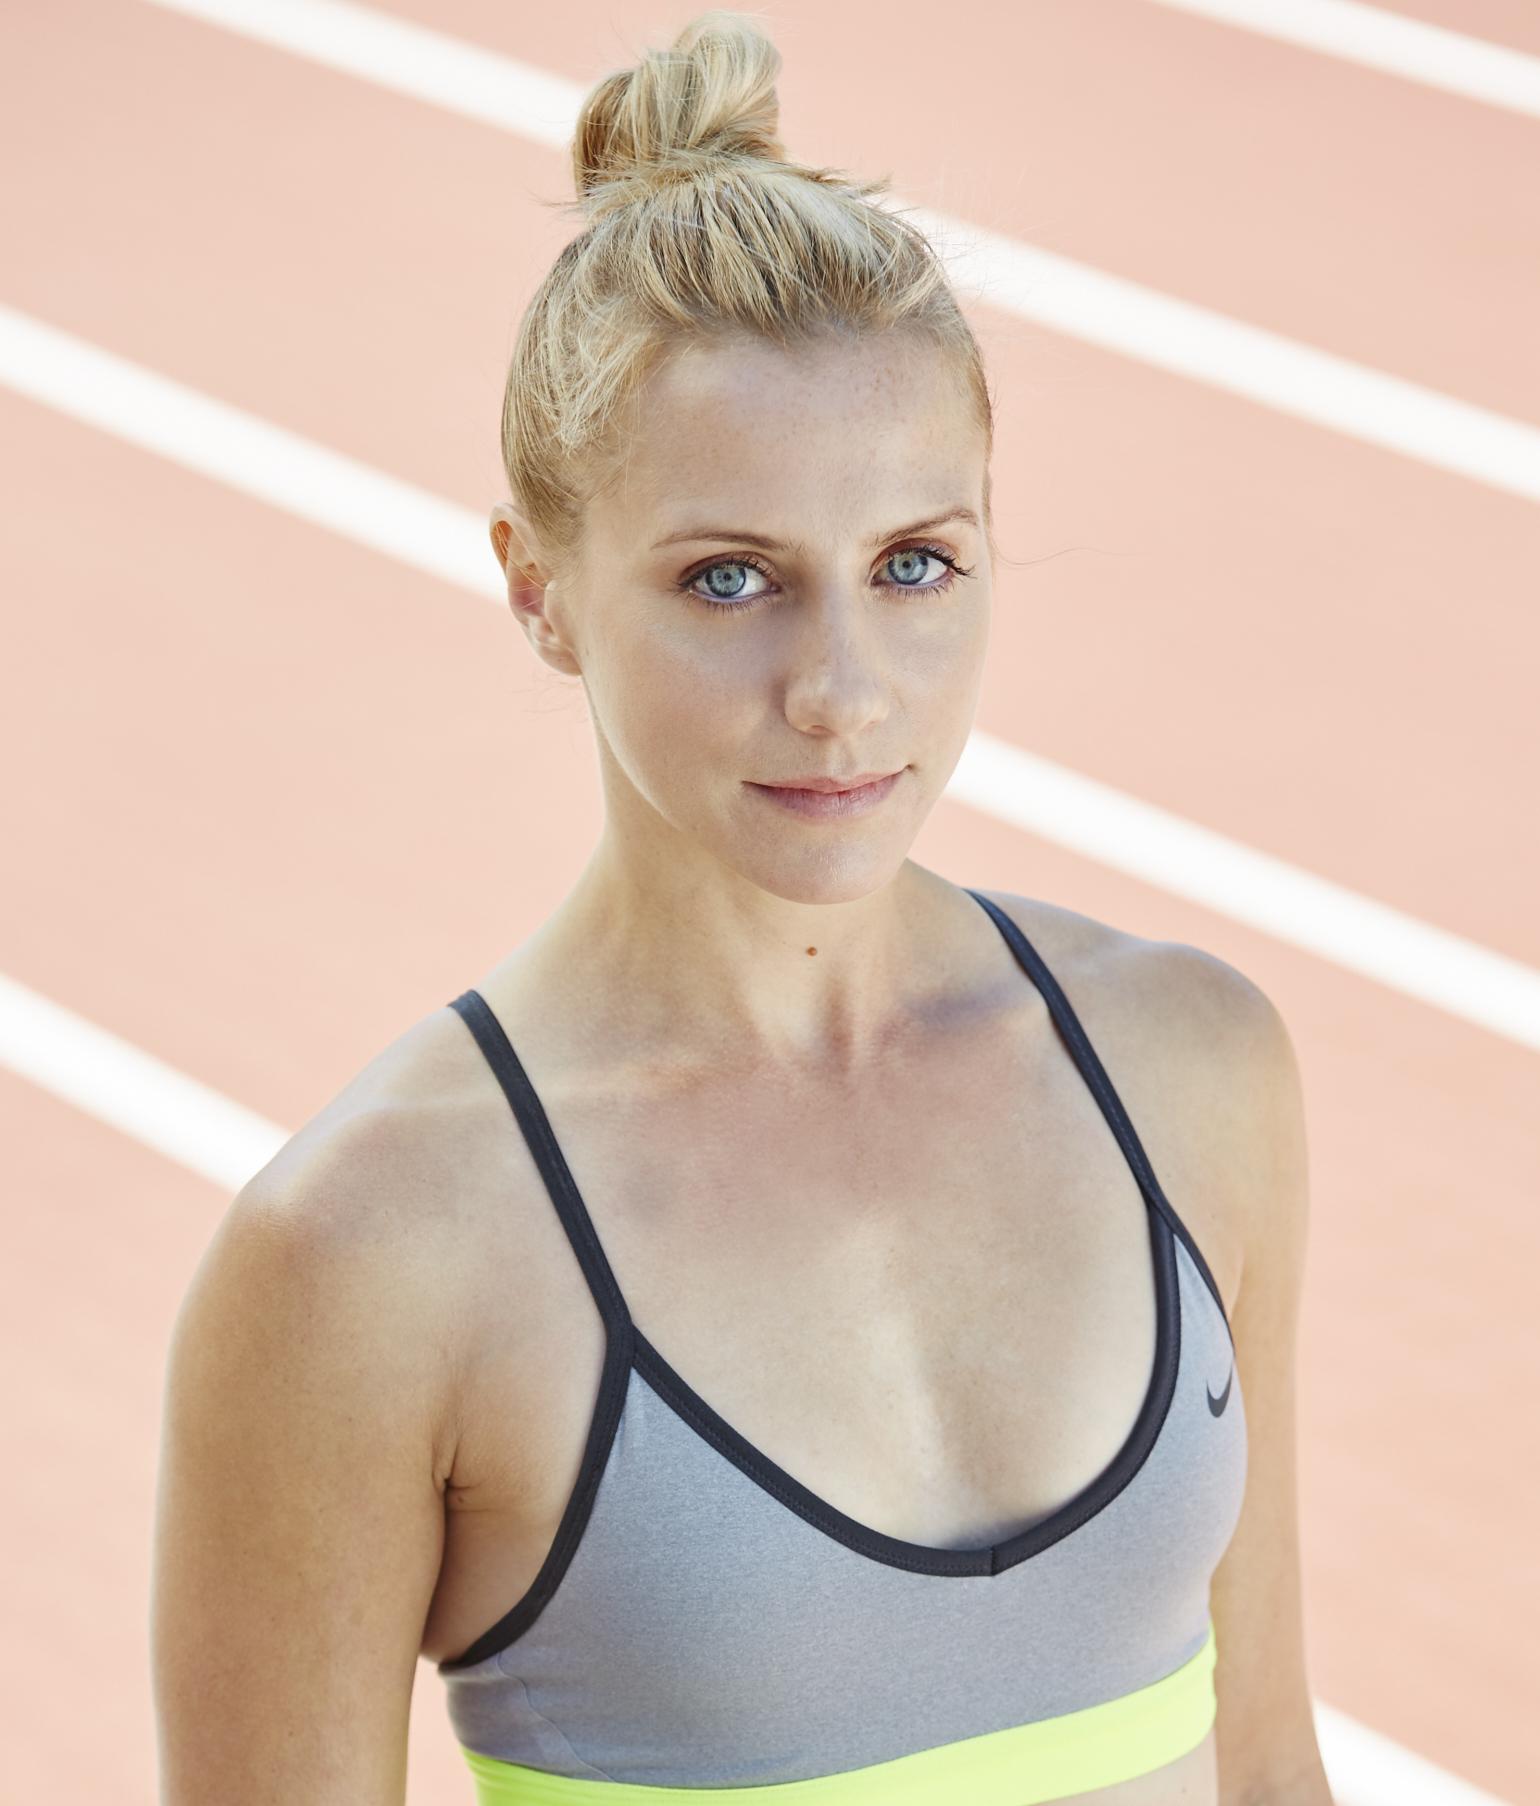 Jennifer Fleischer